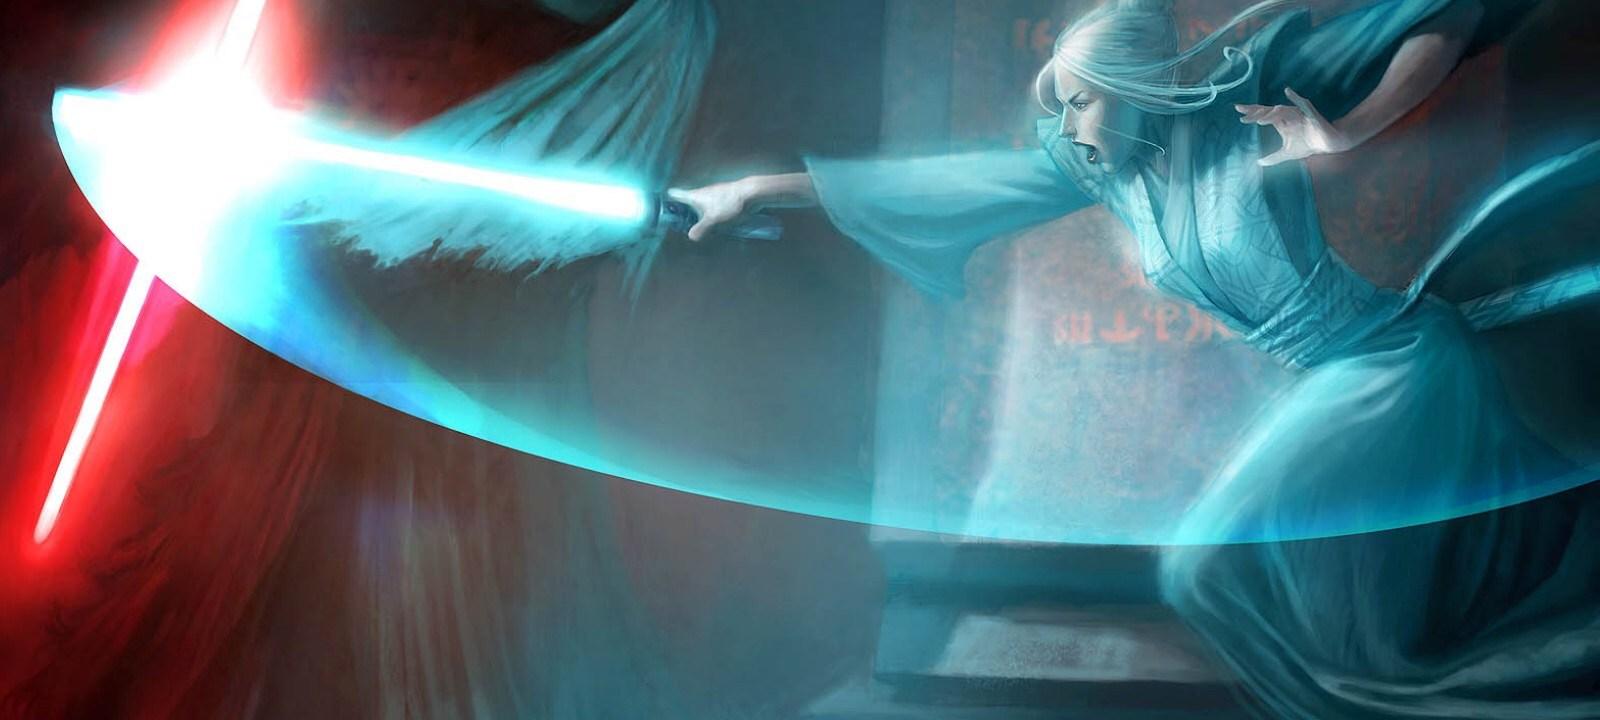 Star Wars KOTOR II: Atris vs. Darth Nihilus